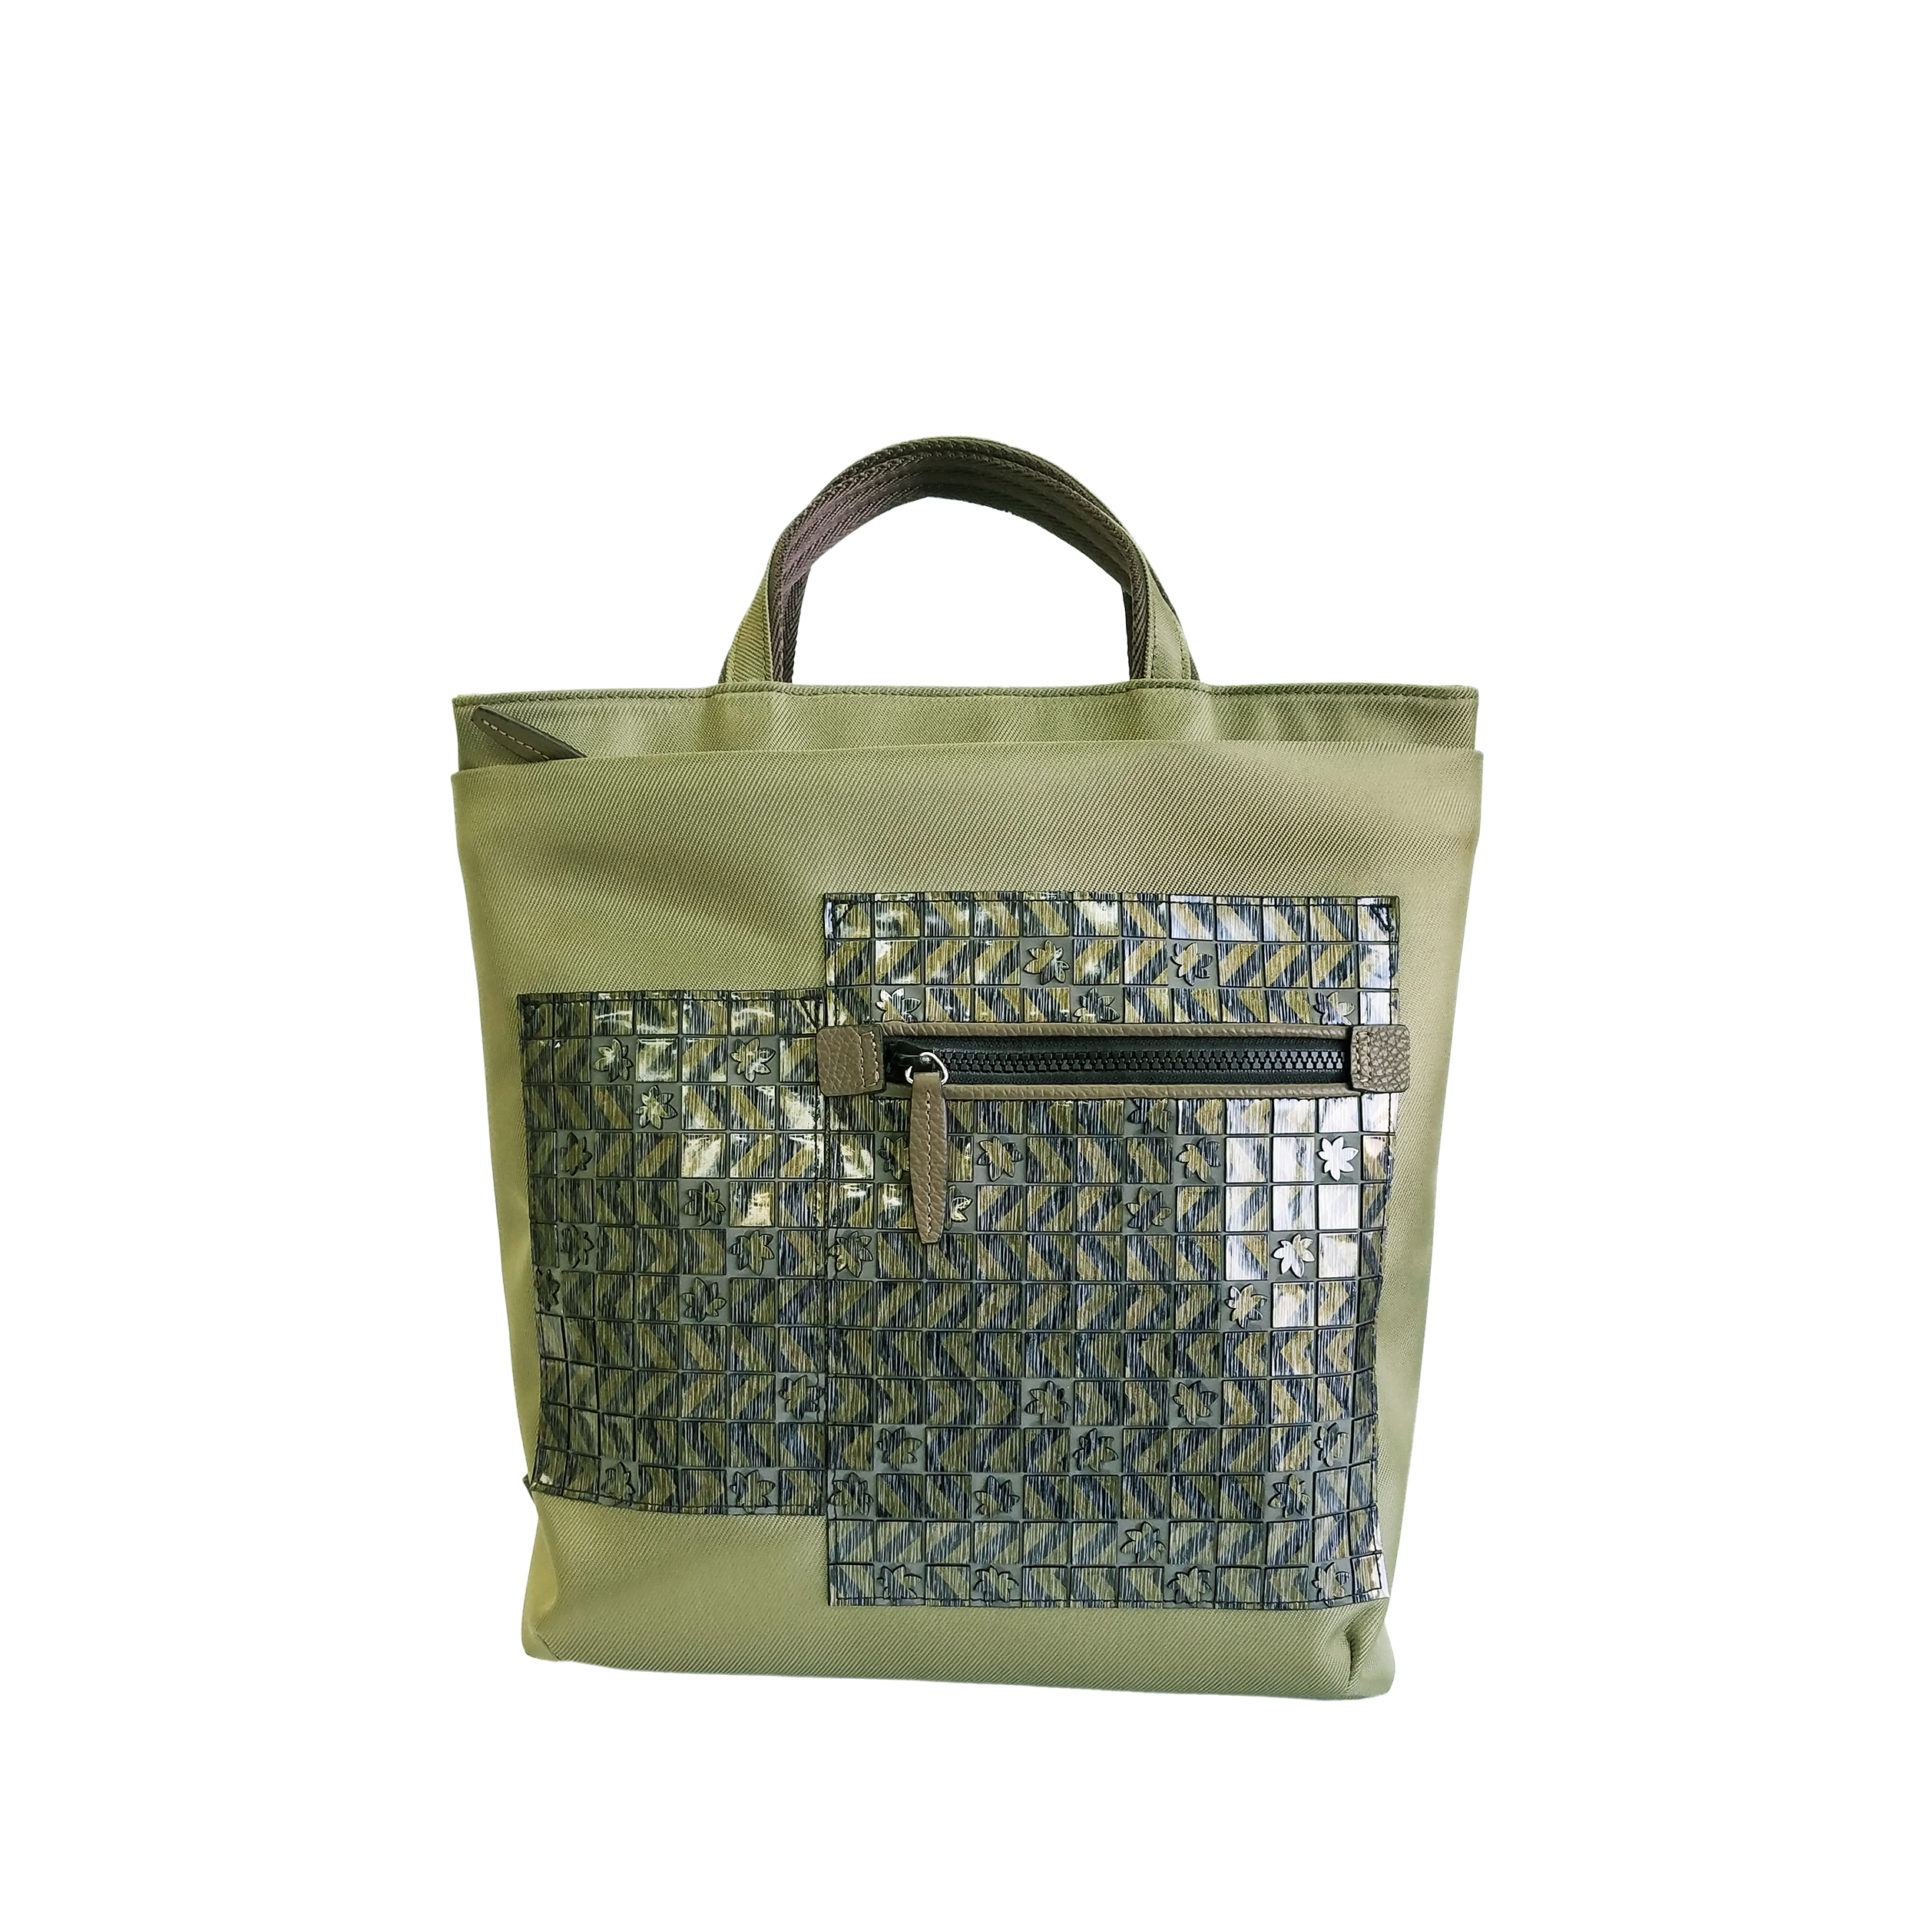 京都限定のELISIR caede KYOTO | エリシアカエデ京都のバッグシリーズ twill nylon misto 2way ruck sack green